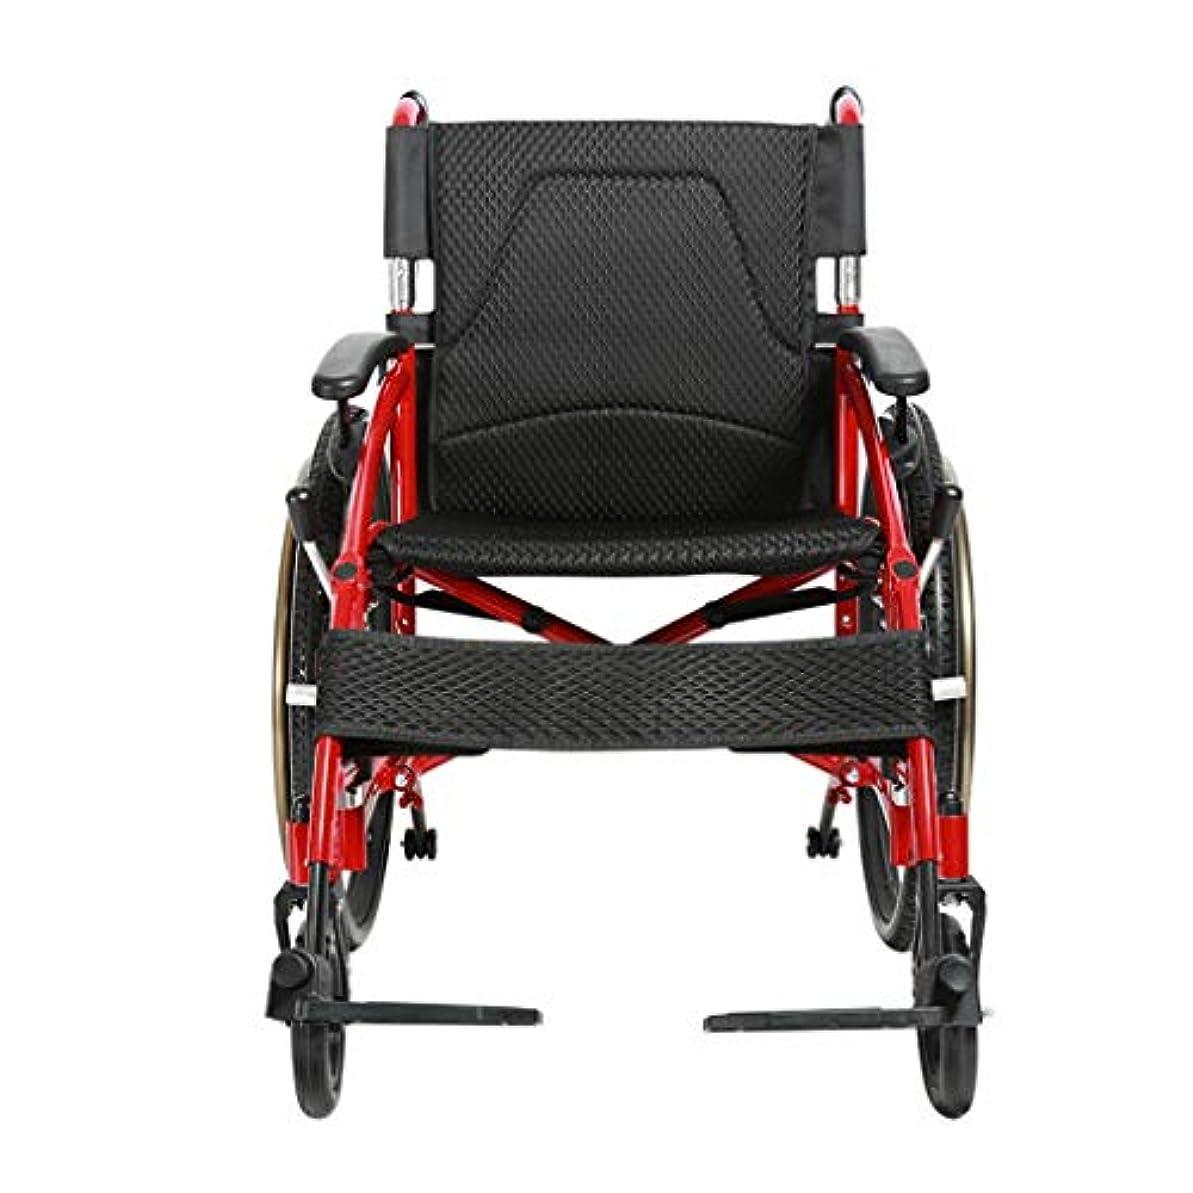 同意するピアノ印象車椅子折りたたみ超軽量アルミニウム合金、高齢者向け車椅子、多目的トロリー